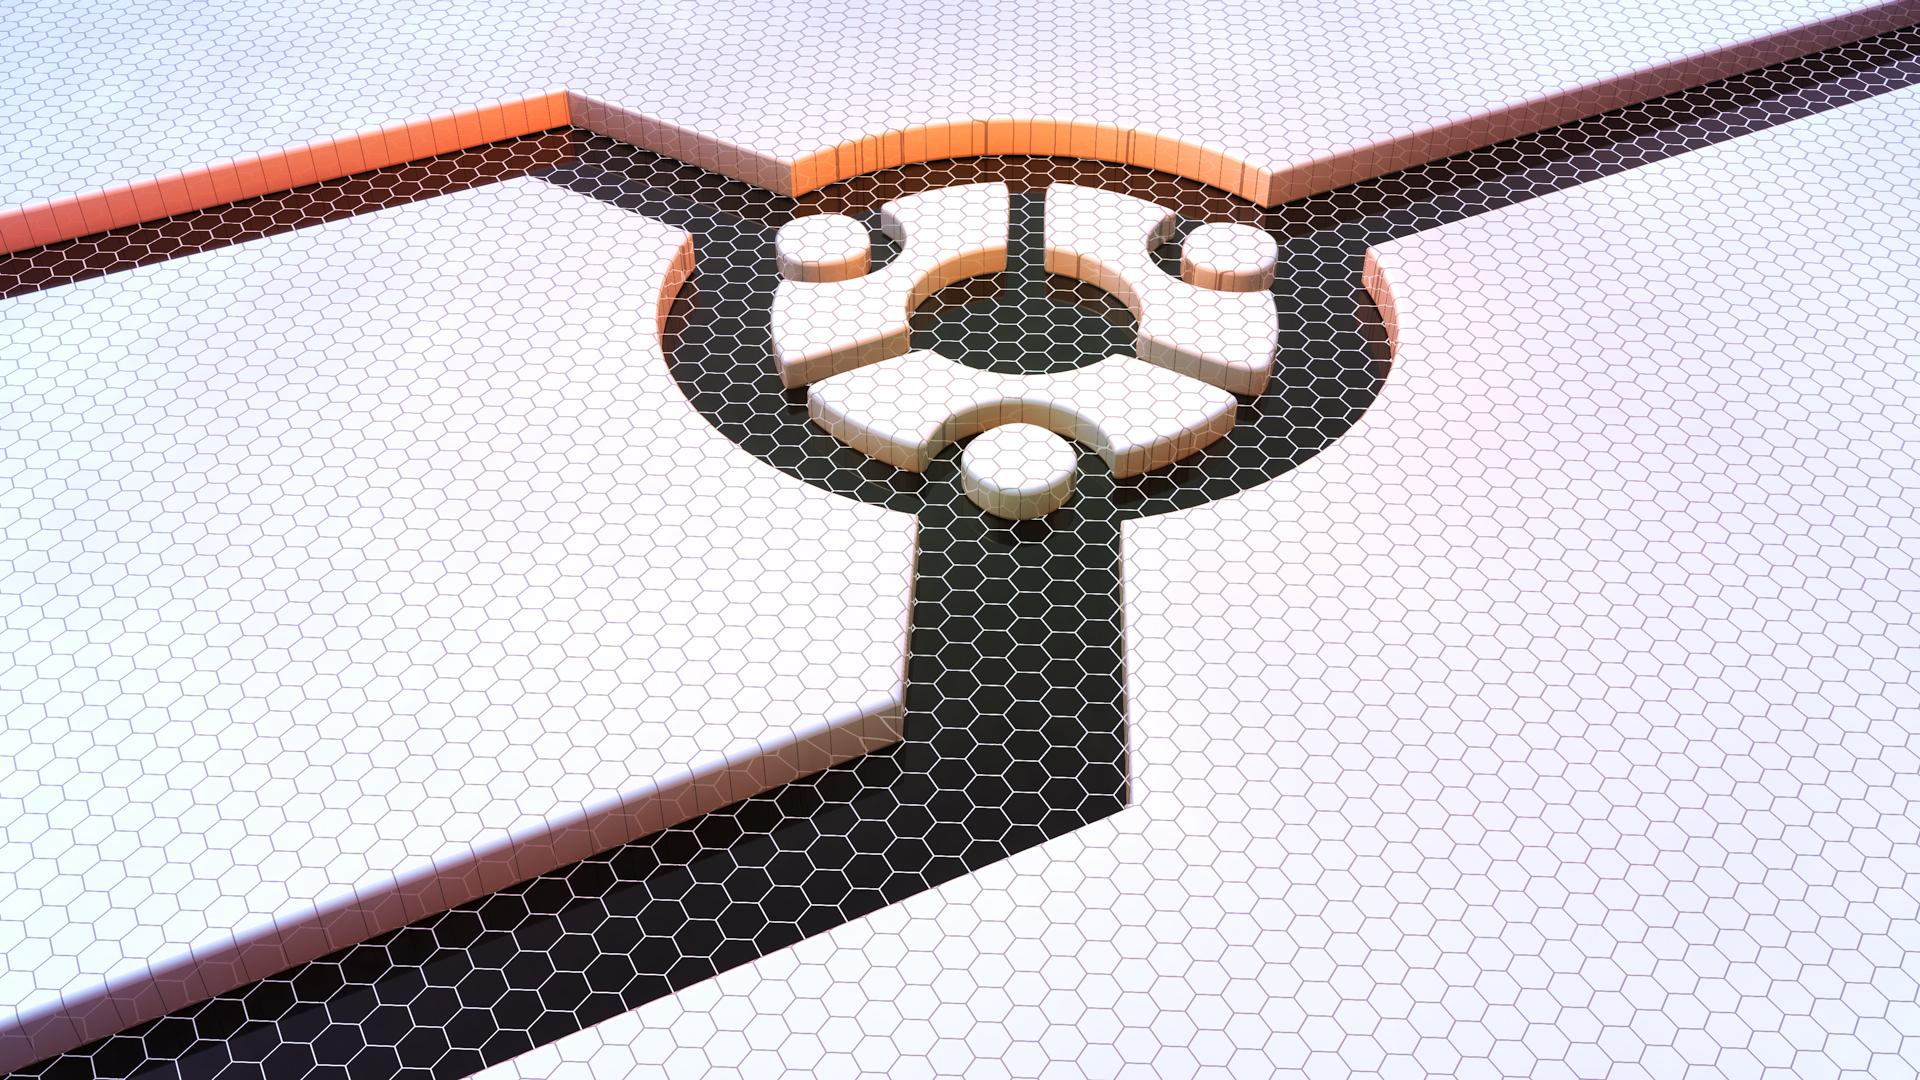 Ubuntu grid white 3d 1920x1080 1 1920x1080